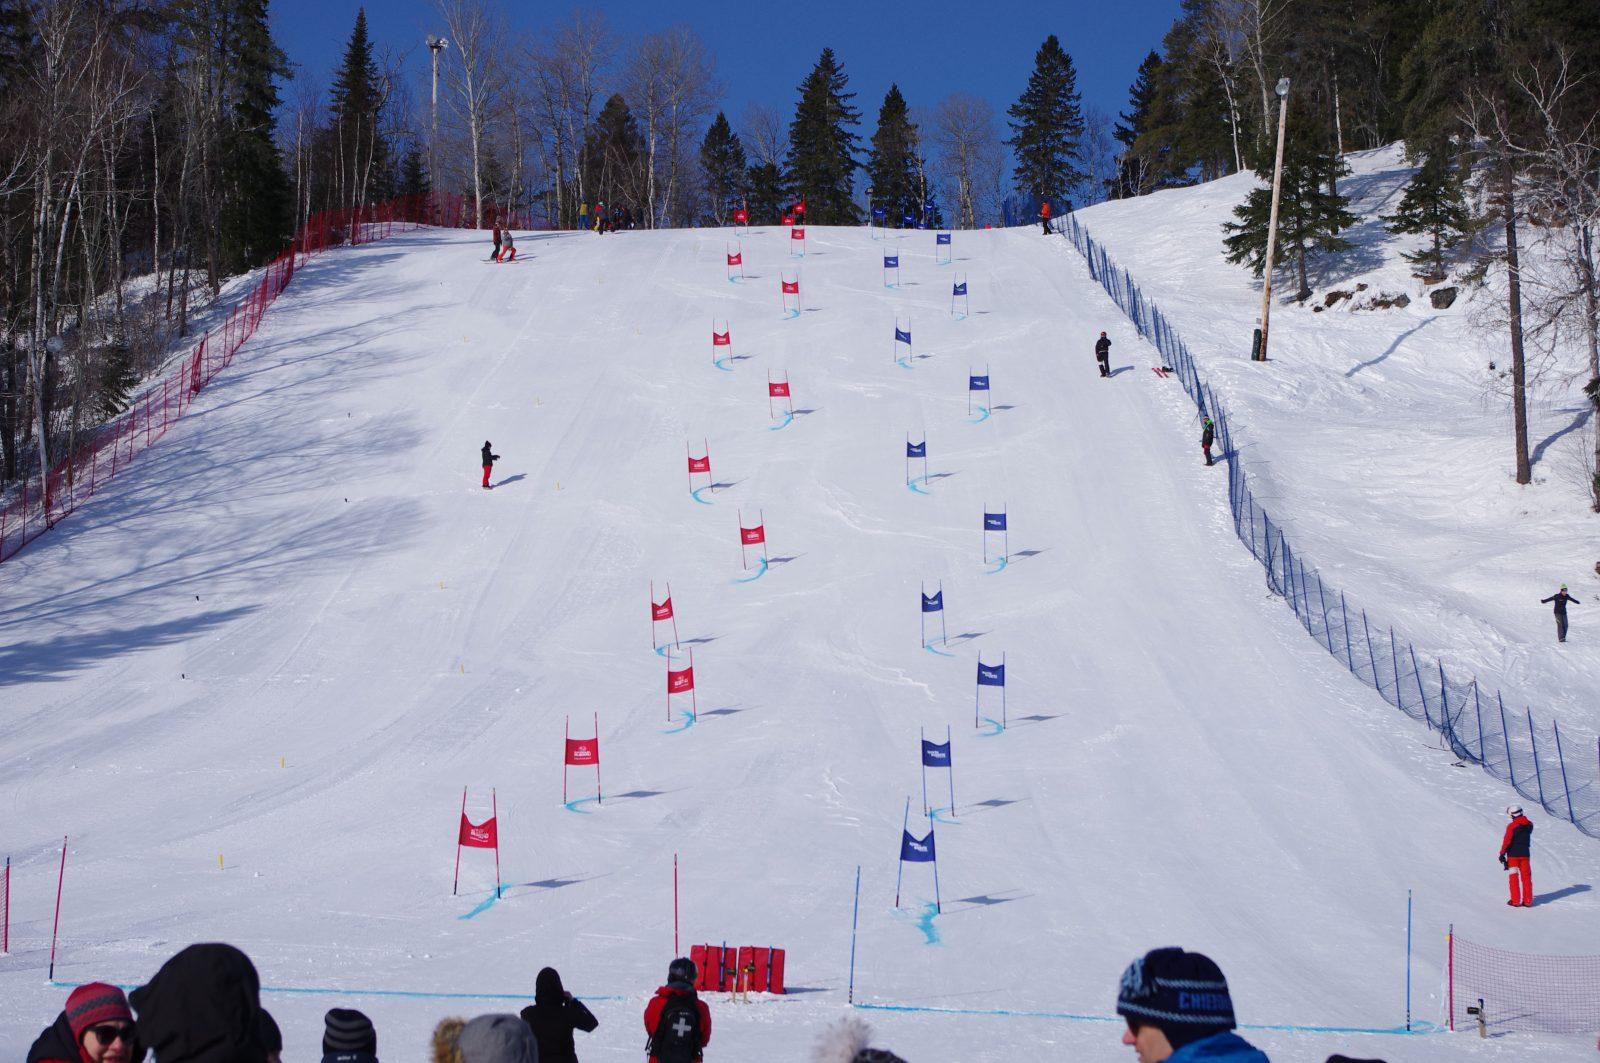 Une saison de ski alpin bien remplie